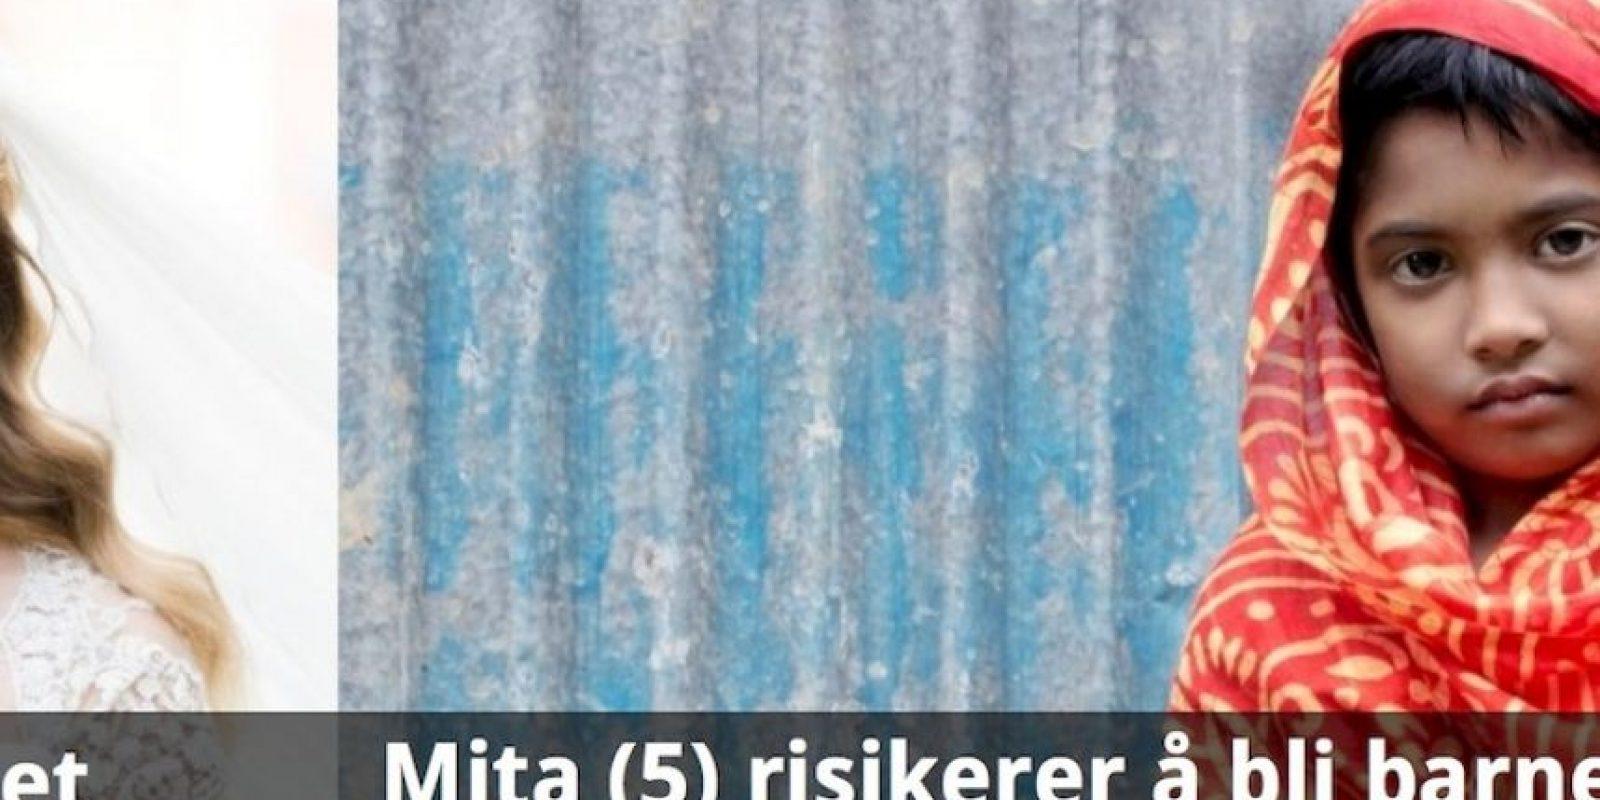 Esto afecta a 39 mil niñas cada día. La campaña ha impactado grandemente en Noruega. Foto:Plan